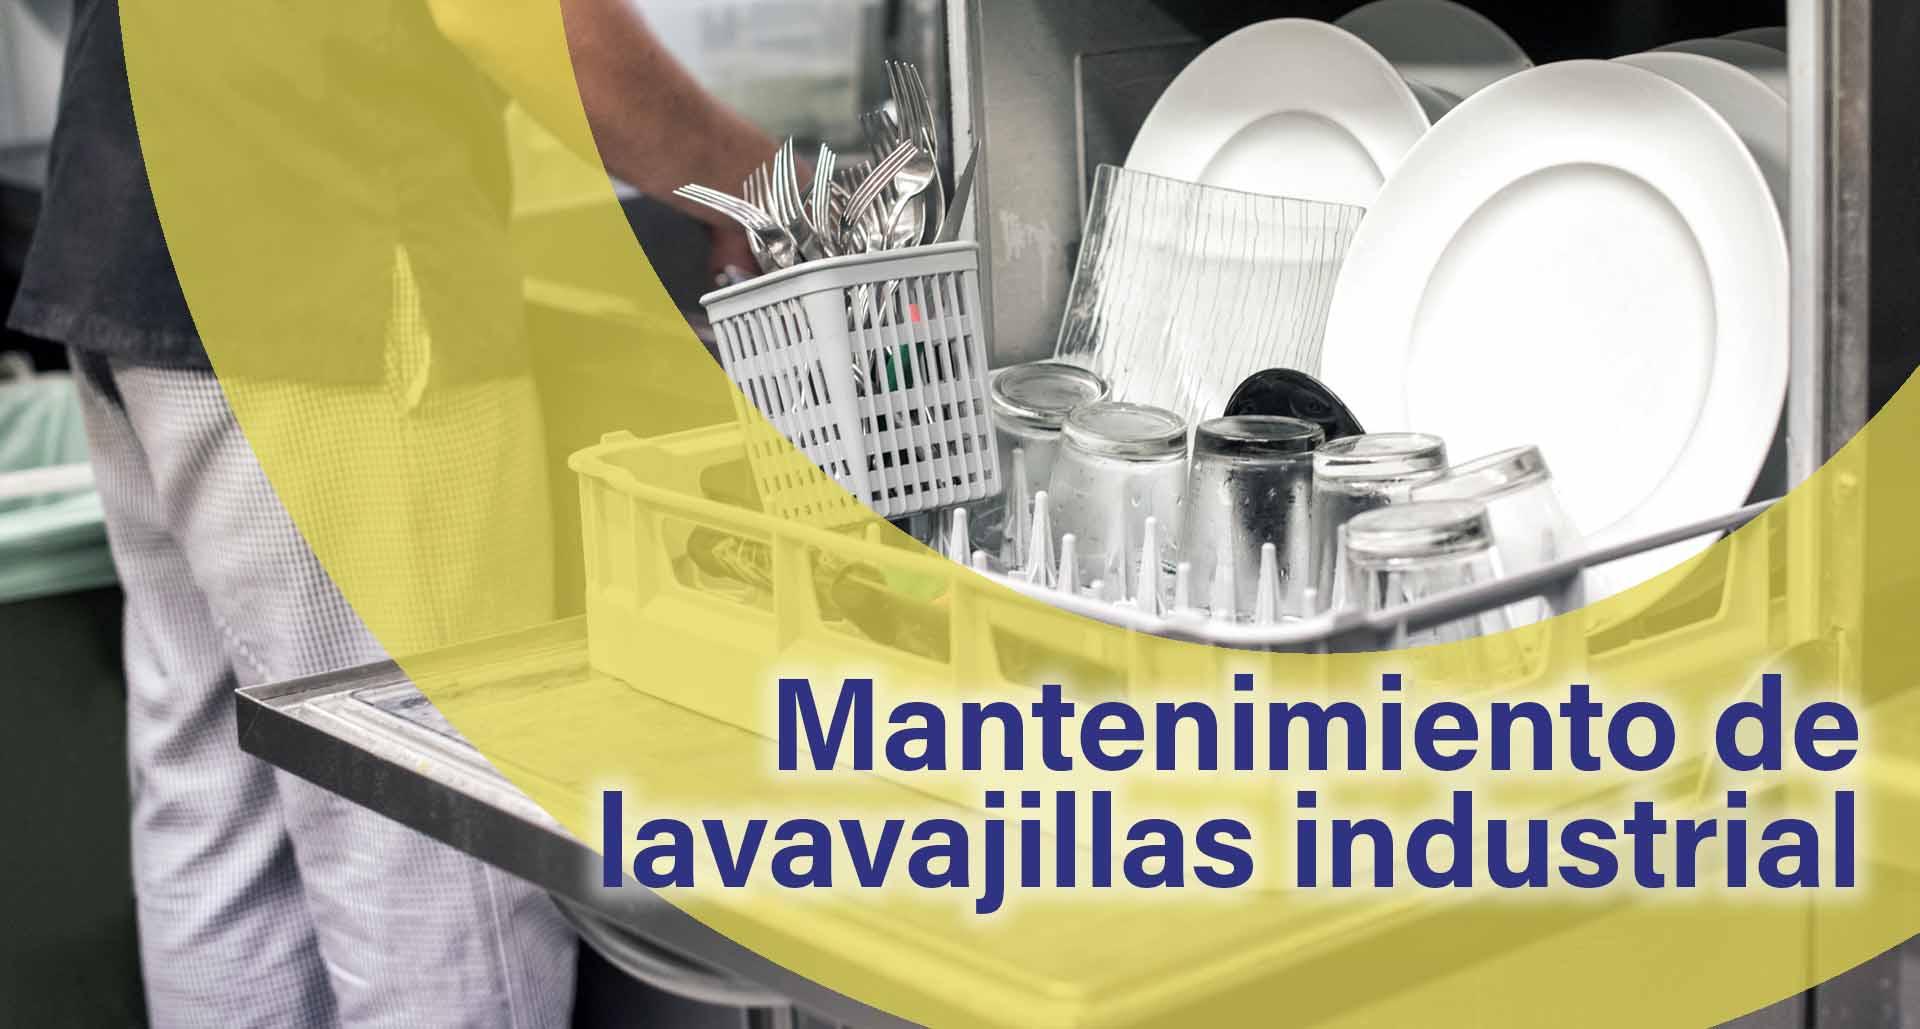 mantenimiento de lavavajillas